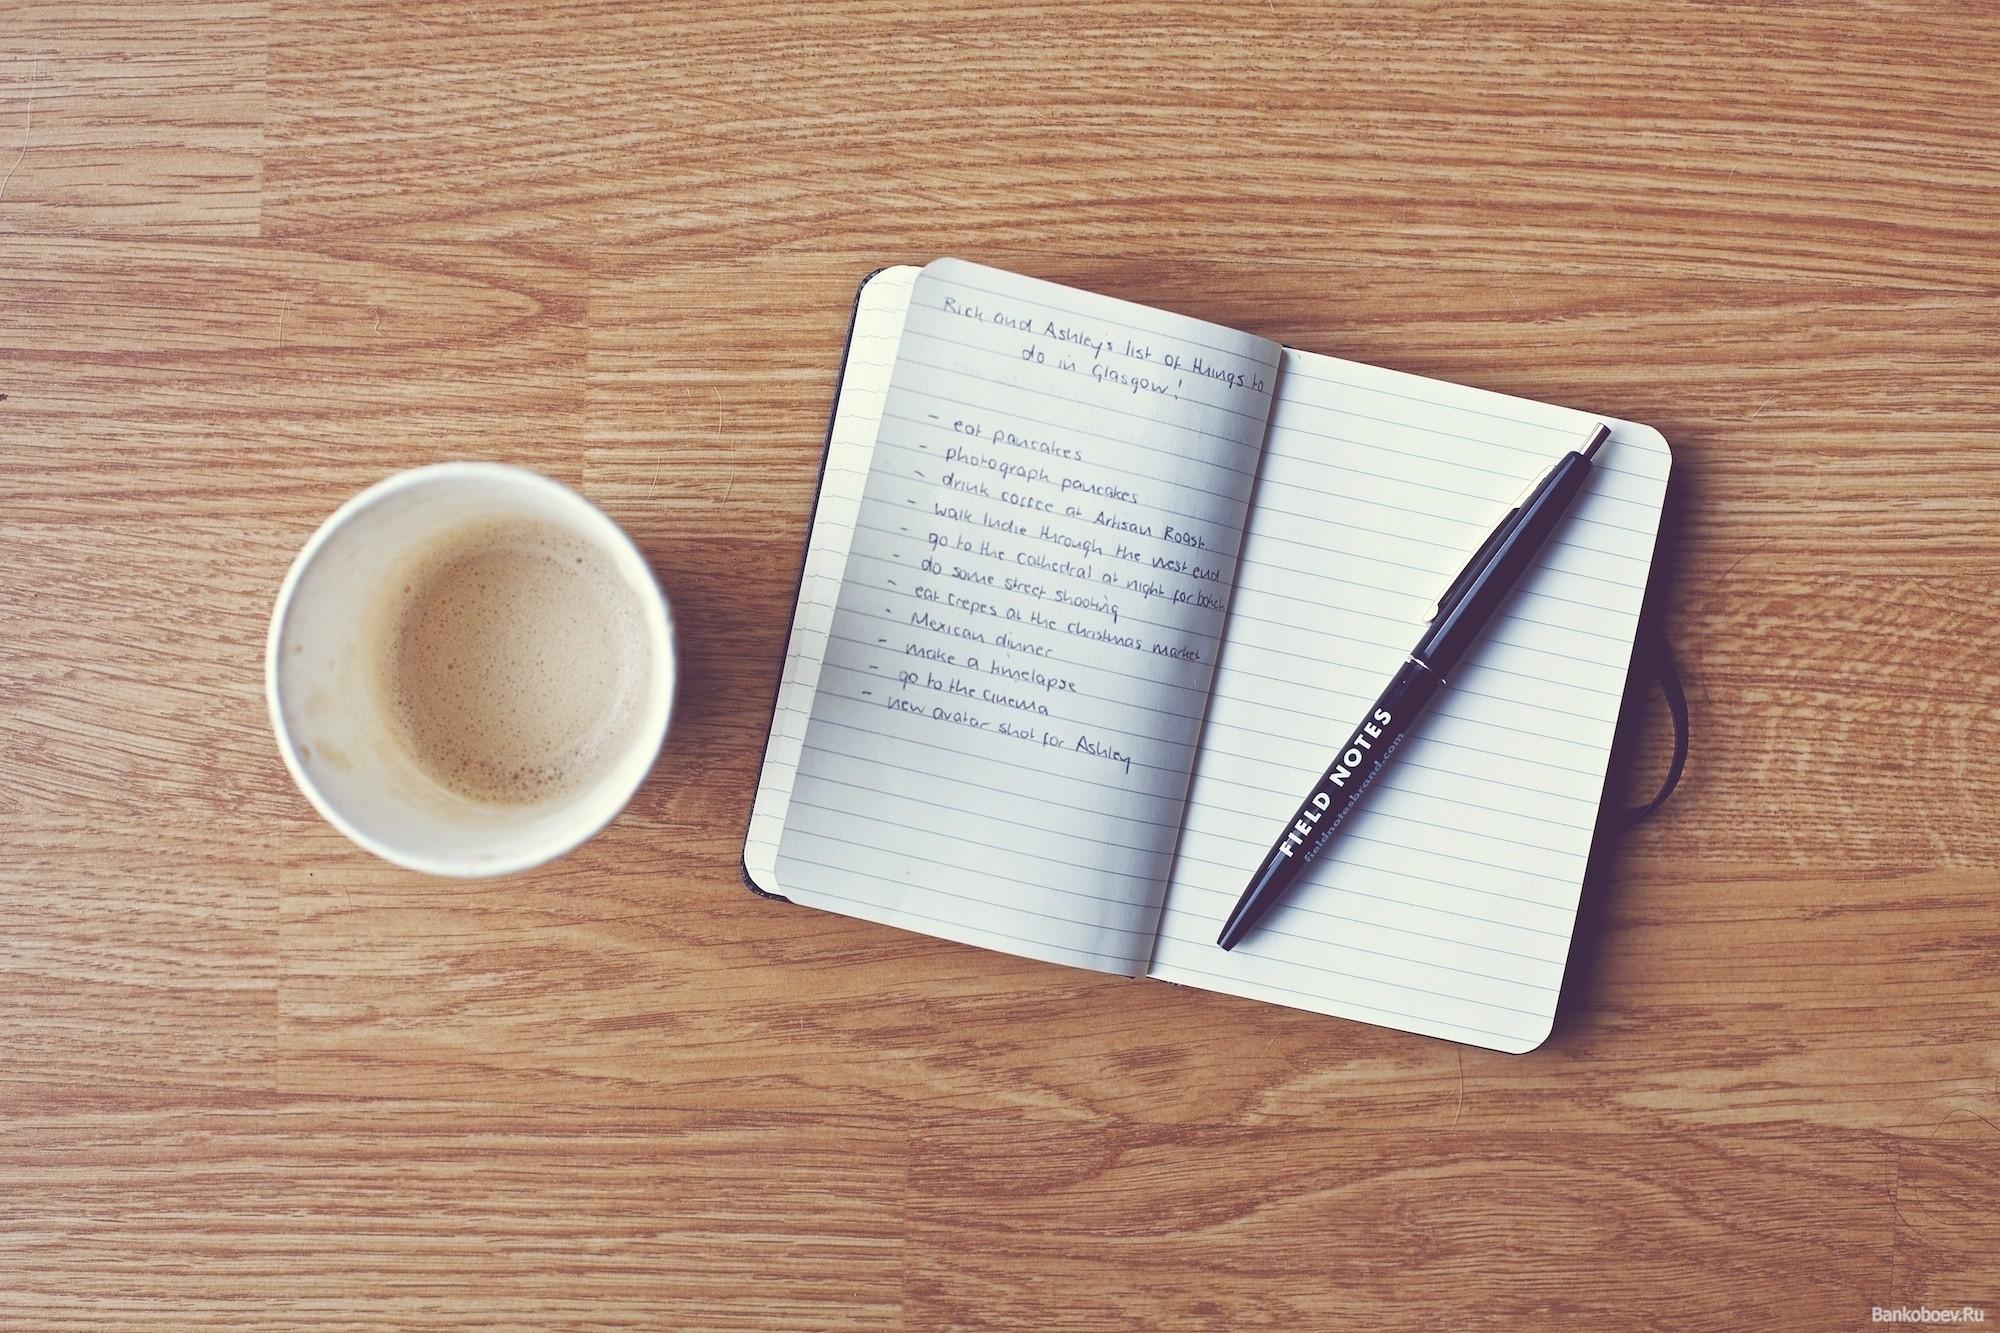 Специалисты опубликовали список дел для улучшения жизни